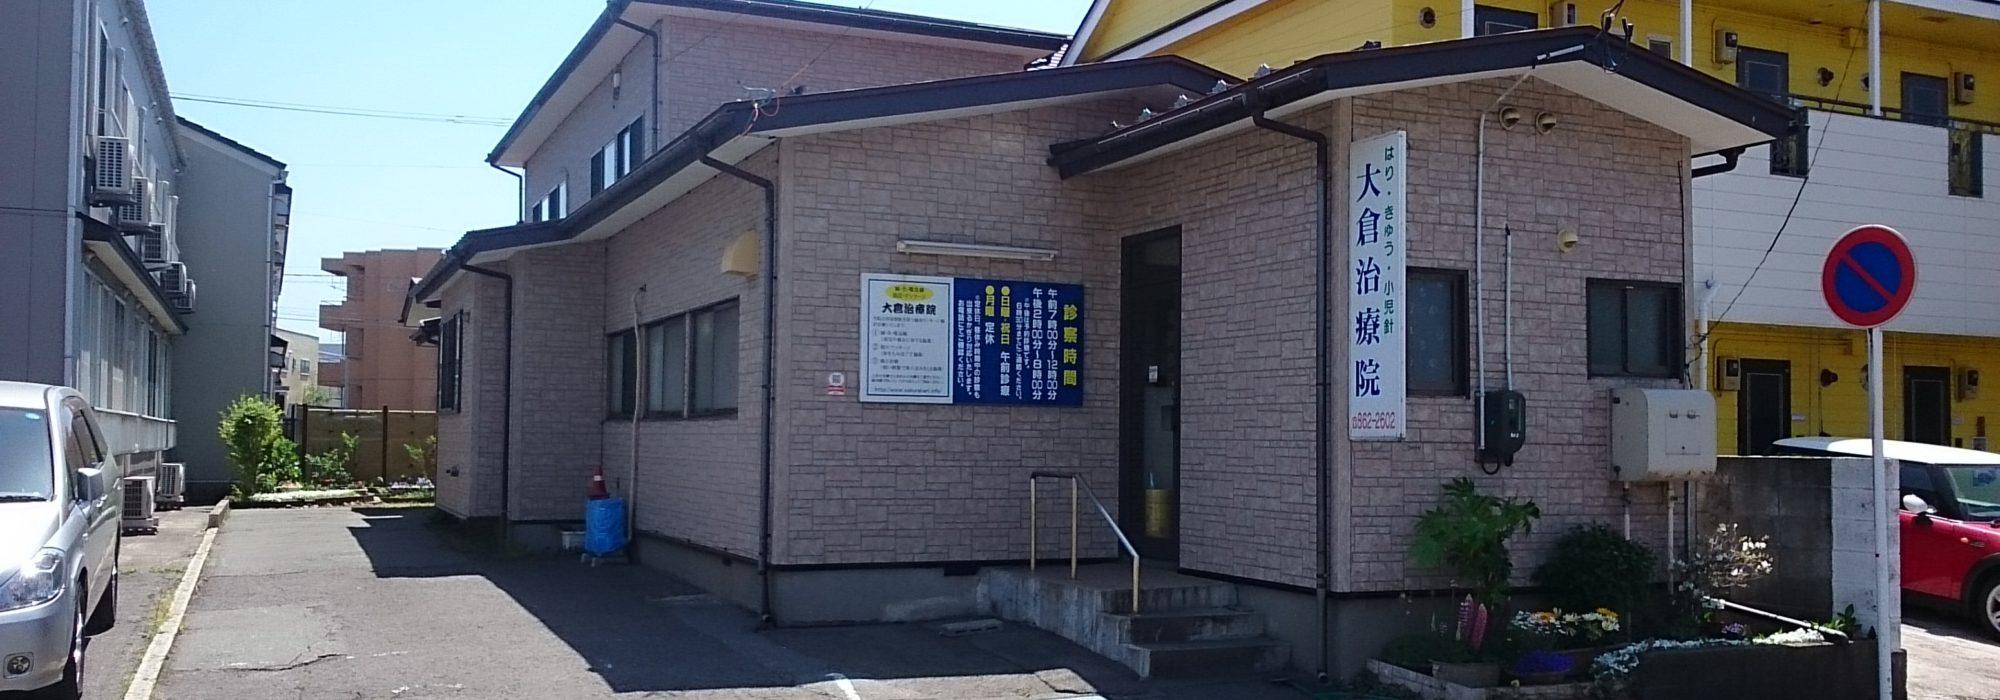 【公式】大倉治療院 | 秋田市 | 鍼灸院 | マッサージ | 美容鍼 | 日曜営業